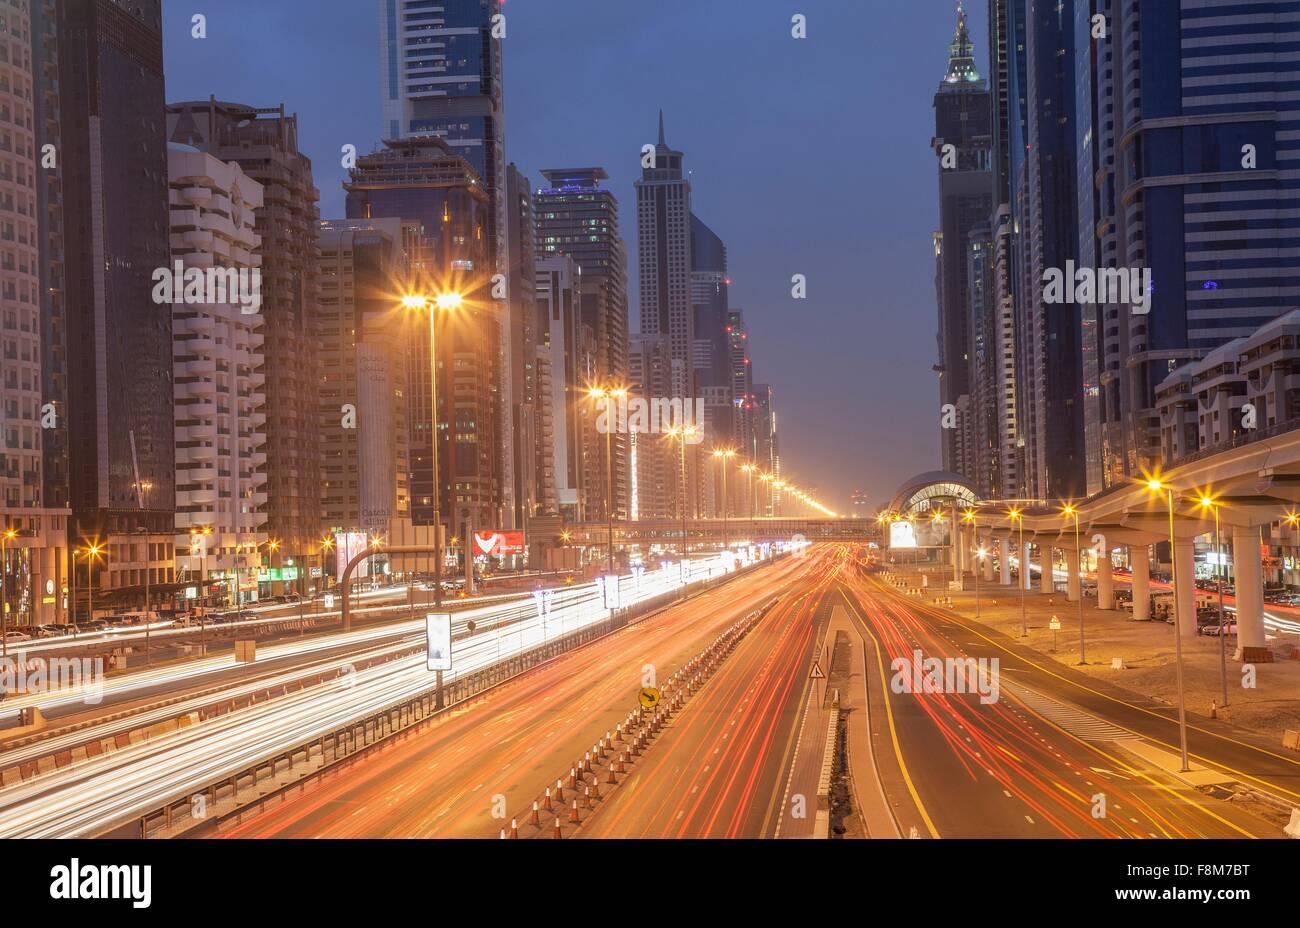 L'autoroute de la ville et de la gare de métro de Dubaï, la nuit, le centre-ville de Dubaï, aux Photo Stock